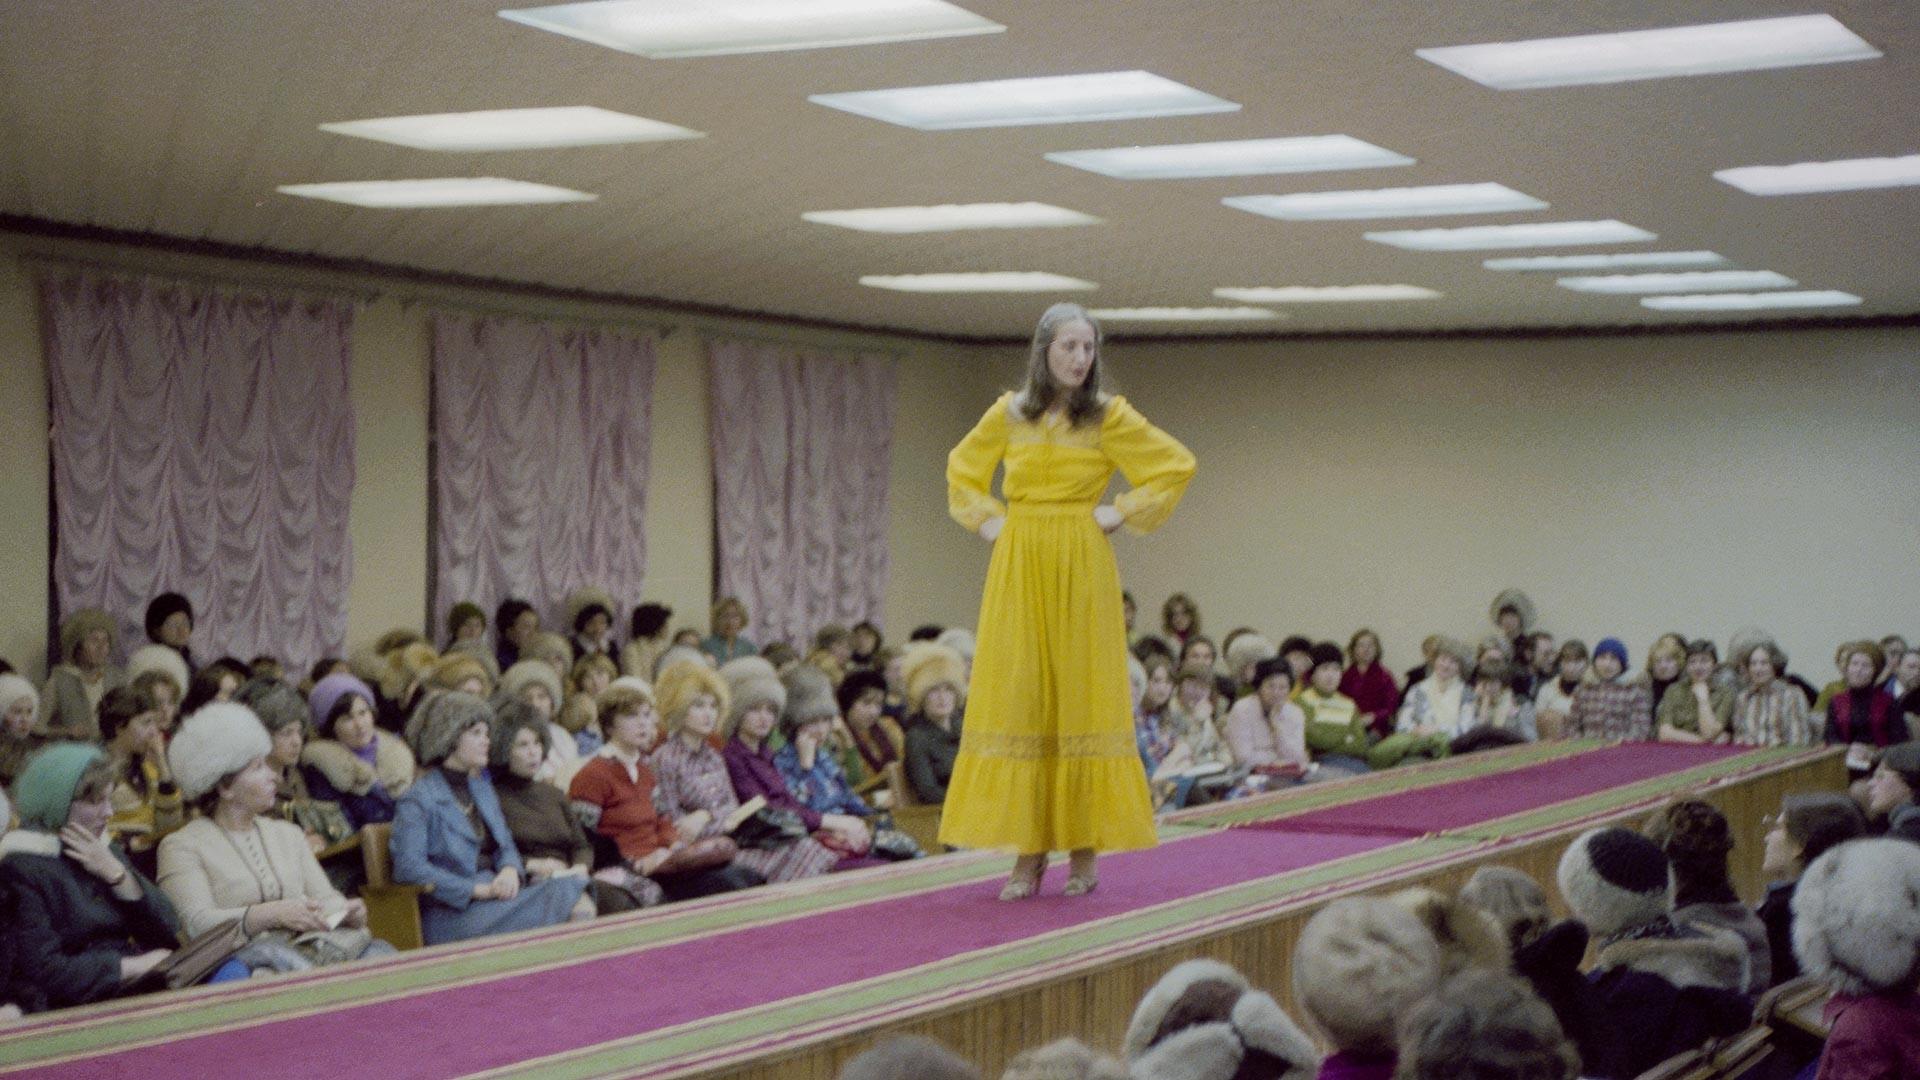 Präsentation der neuen Frühlingskollektion im Ausstellungsraum des örtlichen Modehauses in Tjumen, 1980.